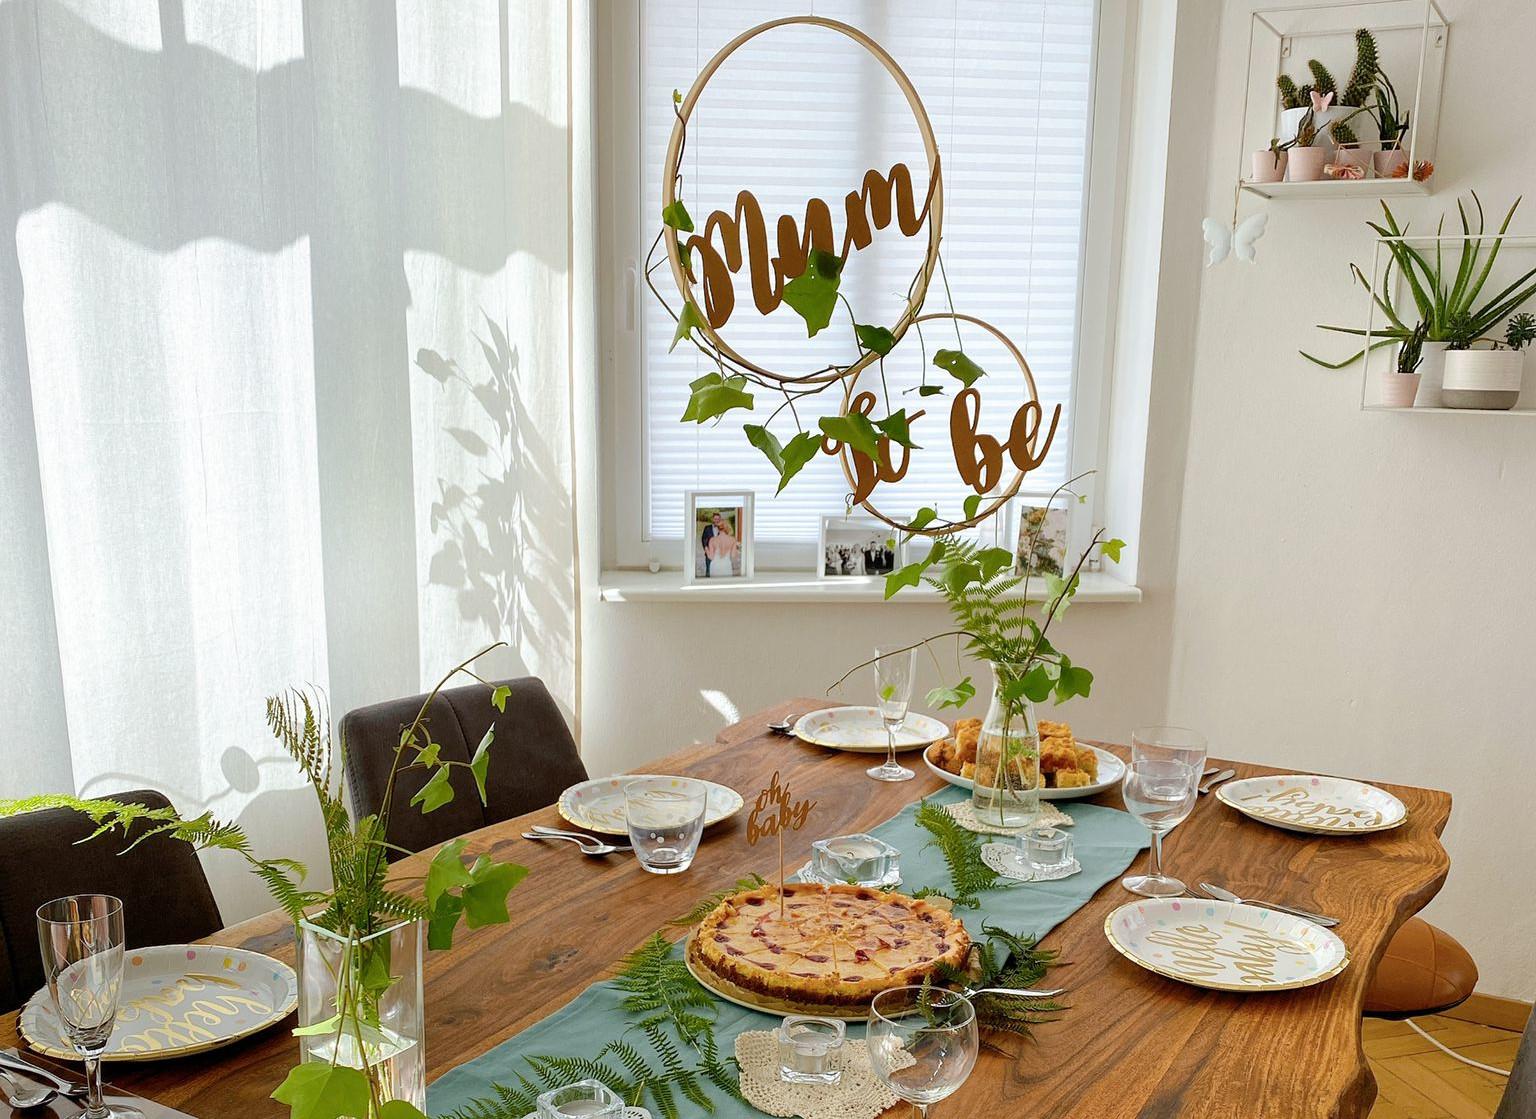 Dekoration einer Babyparty - ein gedeckter Tisch mit Grün